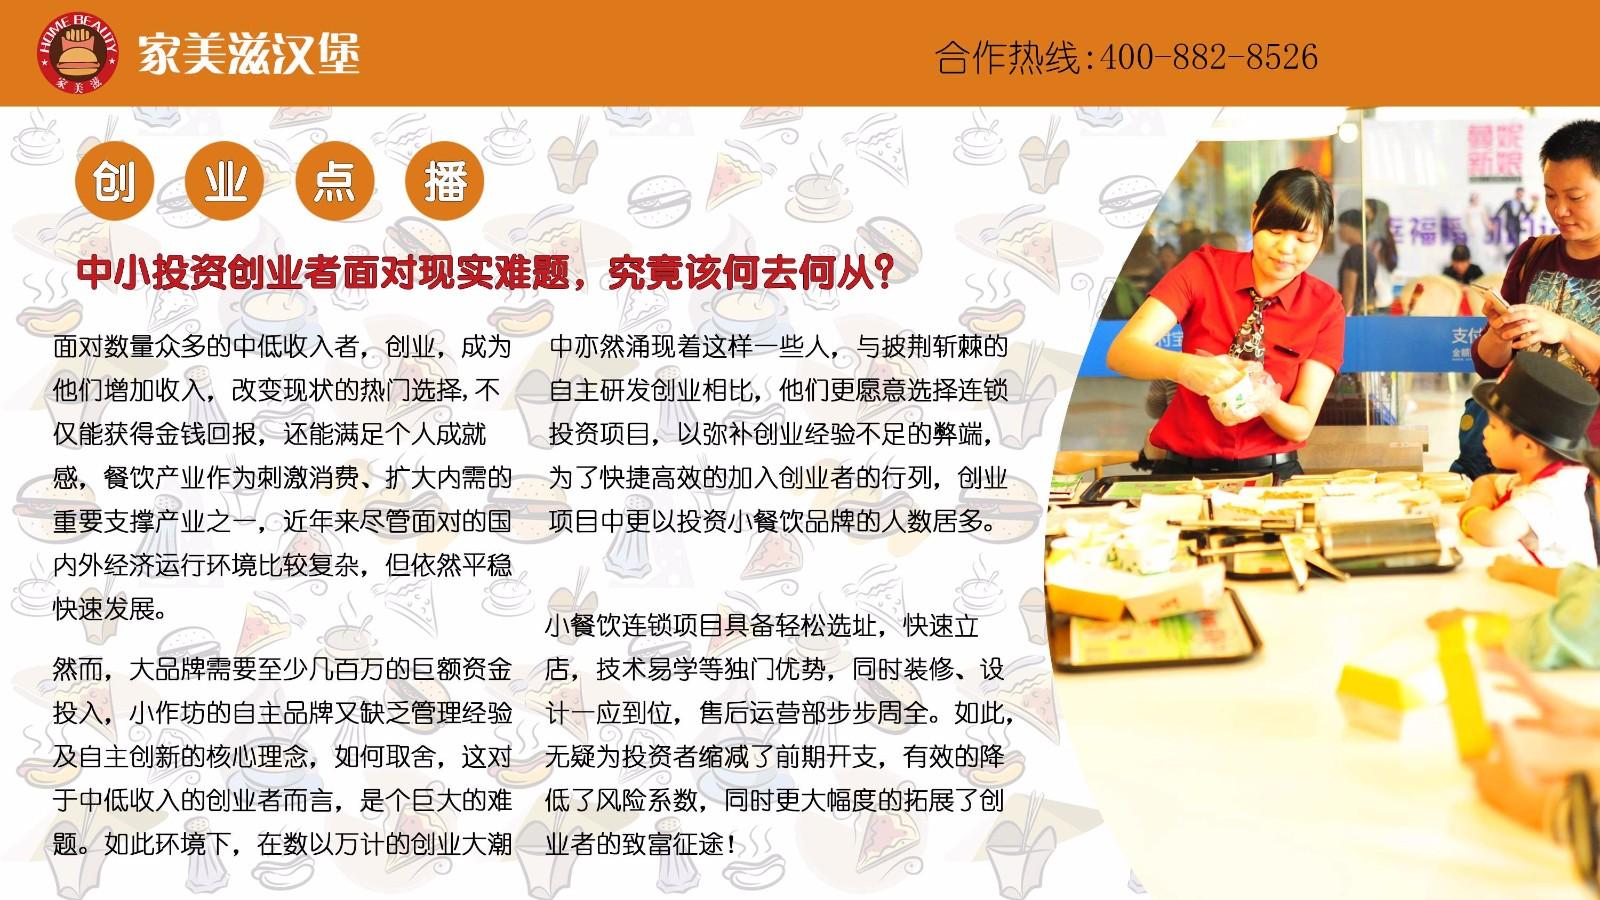 郑州家美滋汉堡免费学习